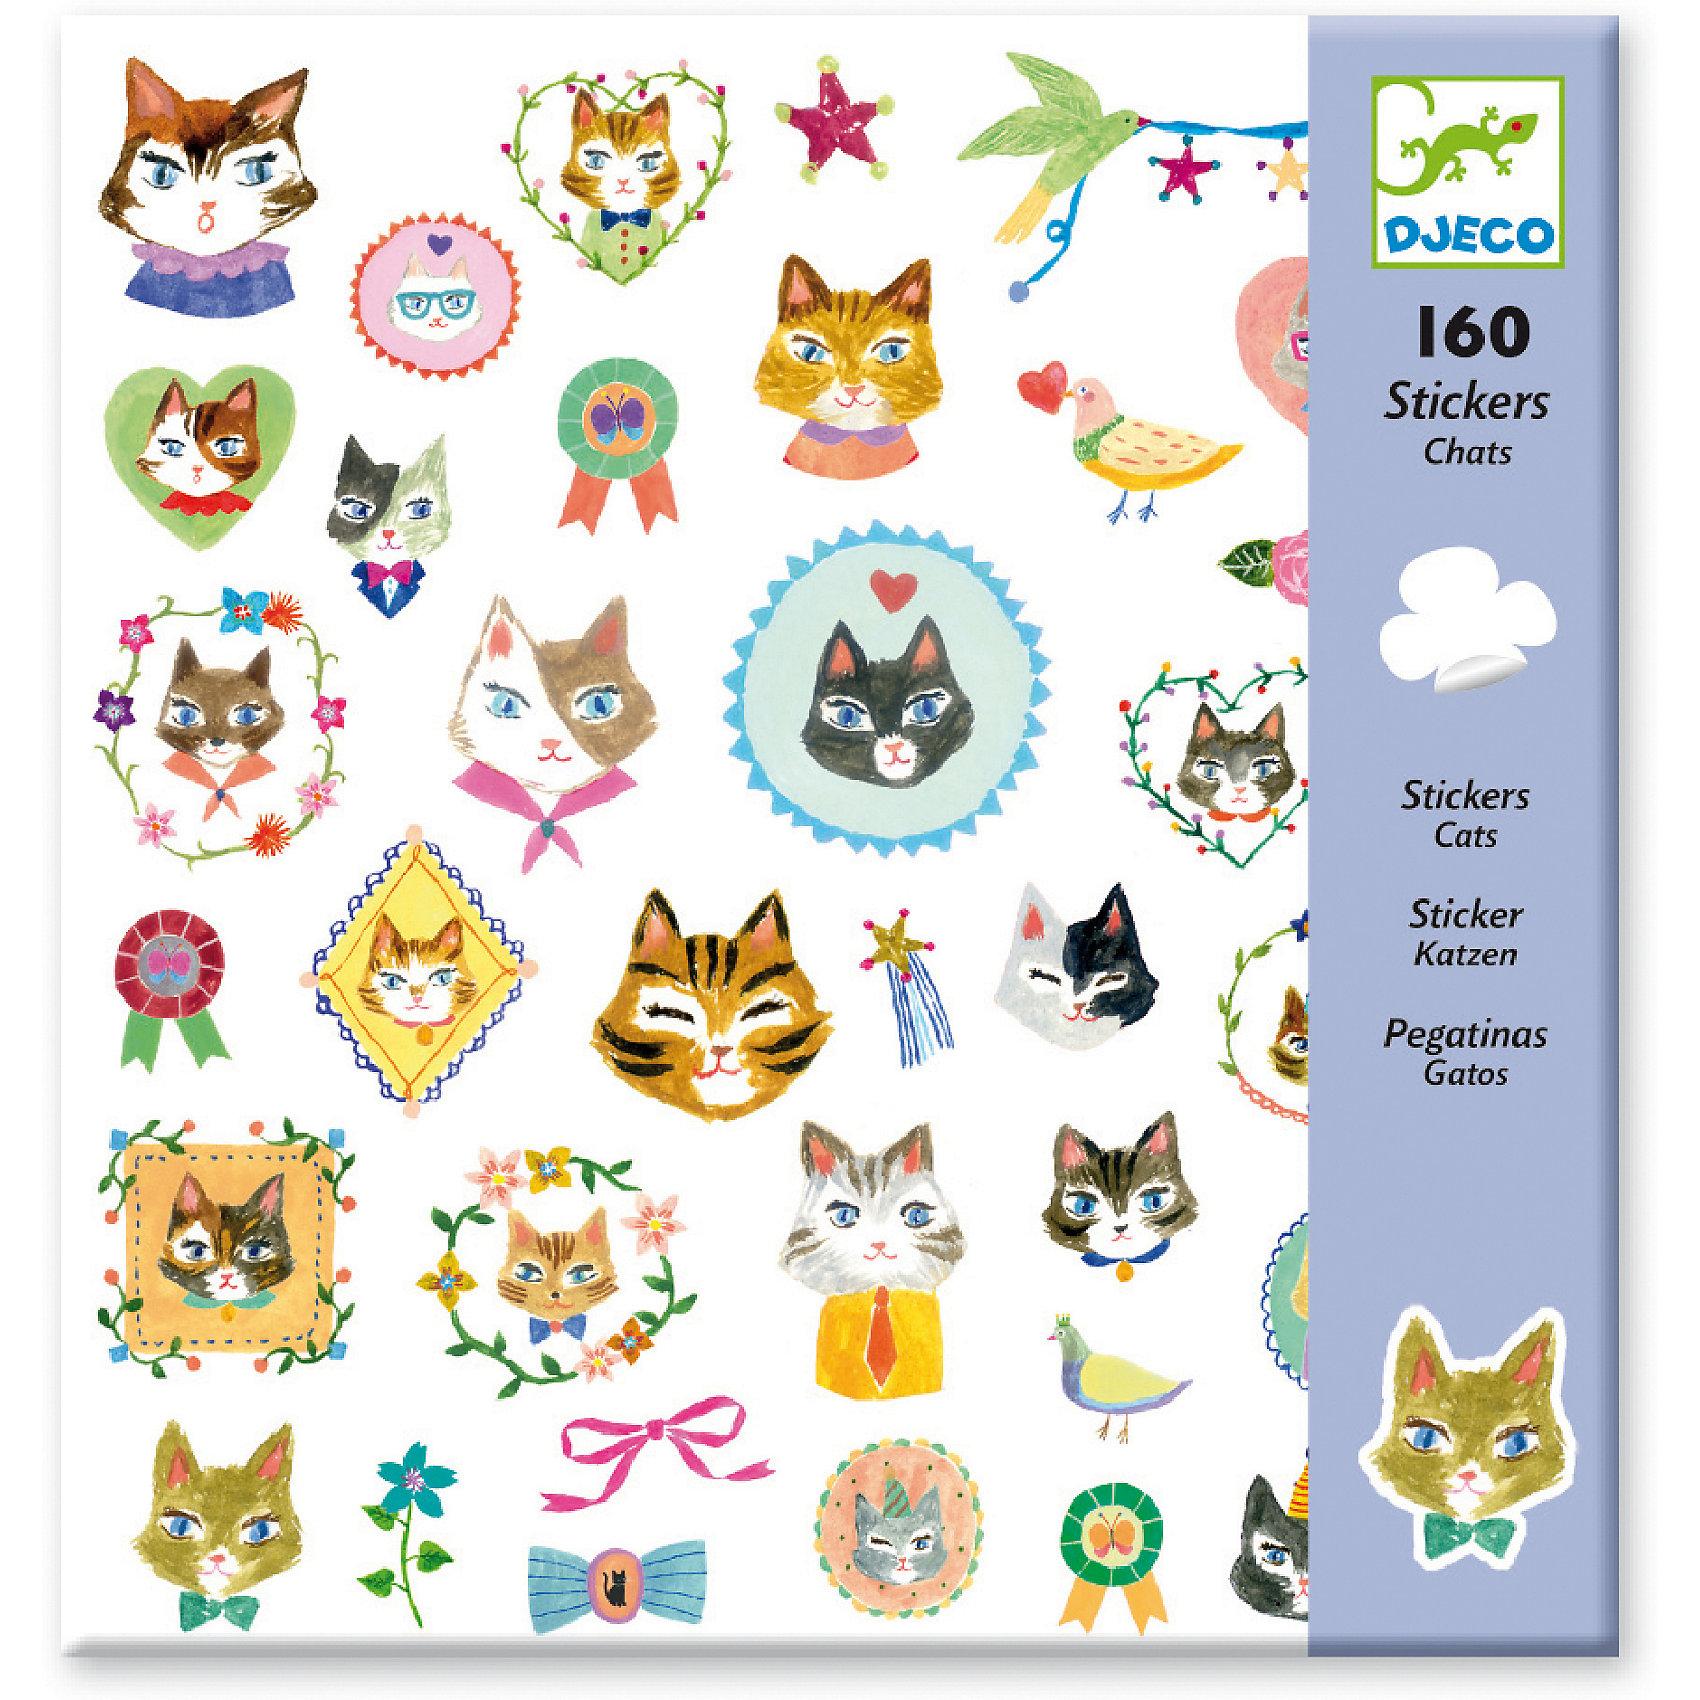 160 наклеек КошкиНабор наклеек Кошки от французского бренда Djeco с забавными котятами и небольшими деталями украсит любые поверхности детской комнаты. Наклеивайте их вместе с малышом на столы, стены и другие предметы, создавайте целые истории и придумывайте увлекательные приключения. Можно создать открытку, приглашение на день рождения или аппликацию! Главное - проявить фантазию. Наклейки крепко приклеиваются к любым поверхностям: обоям, стеклу, кафелю и бумаге и не портят мебель. Все изображения созданы современными французскими художниками. Набор в яркой красочной упаковке прекрасно подойдет для подарка. В наборе: 4 листа – 160 наклеек. <br><br>160 наклеек Кошки можно купить в нашем магазине.<br><br>Ширина мм: 220<br>Глубина мм: 230<br>Высота мм: 10<br>Вес г: 80<br>Возраст от месяцев: 36<br>Возраст до месяцев: 108<br>Пол: Женский<br>Возраст: Детский<br>SKU: 4783857